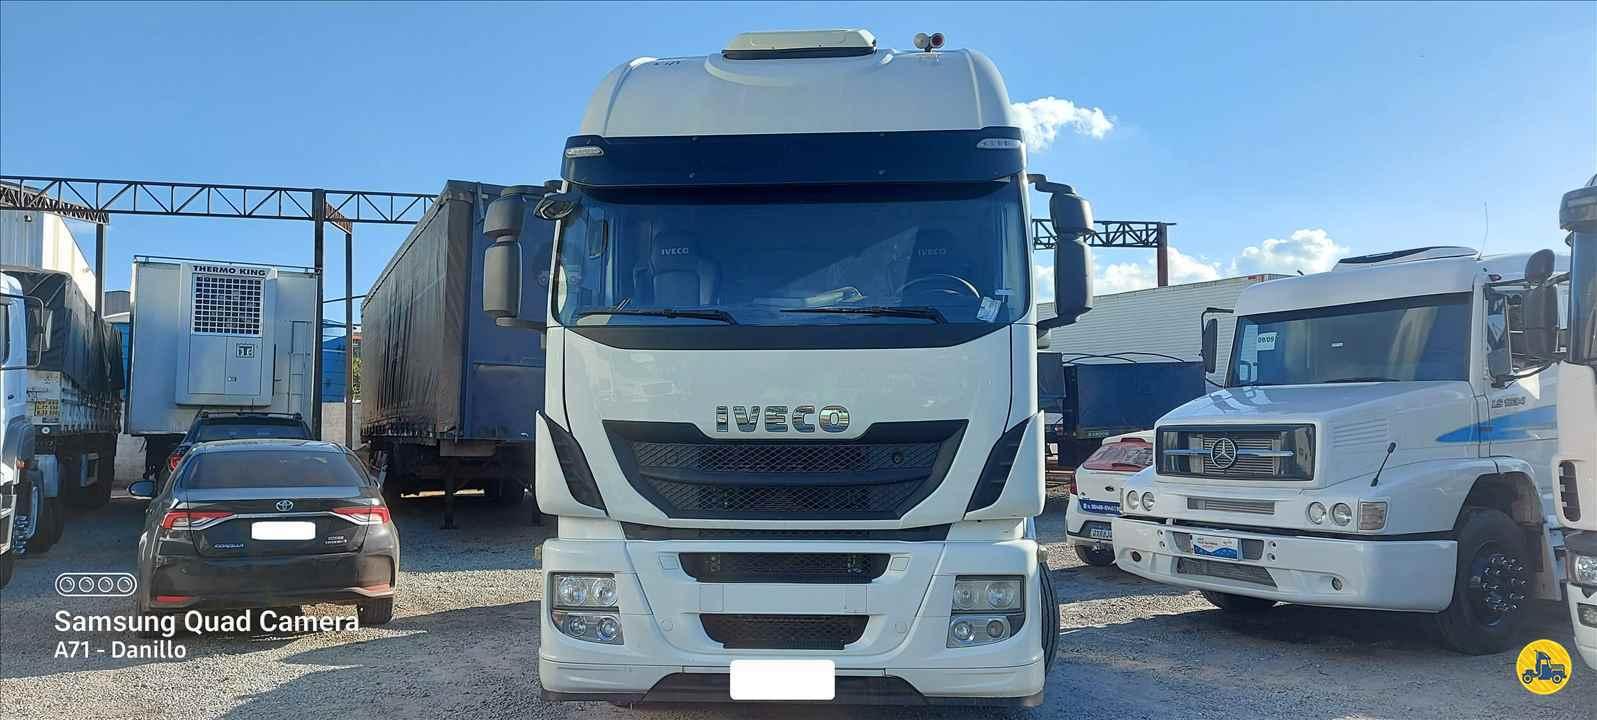 CAMINHAO IVECO STRALIS 440 Cavalo Mecânico Truck 6x2 13 de Maio Caminhões BETIM MINAS GERAIS MG